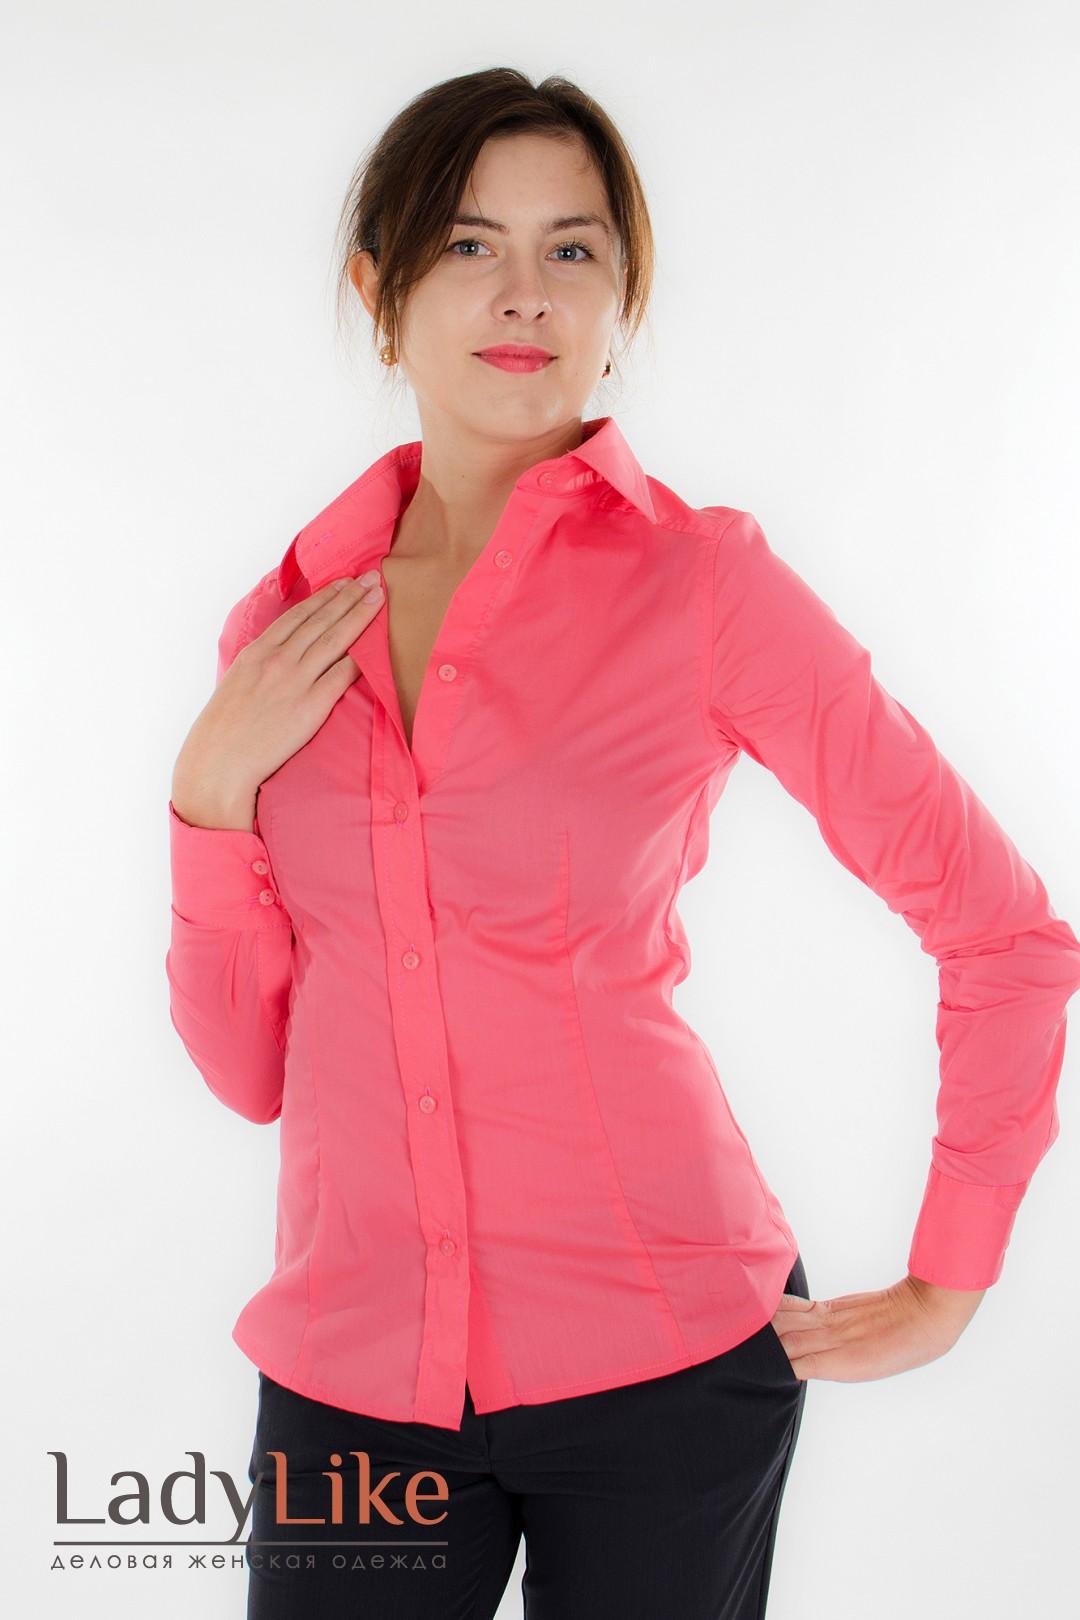 Купить Розовую Блузку В Новосибирске